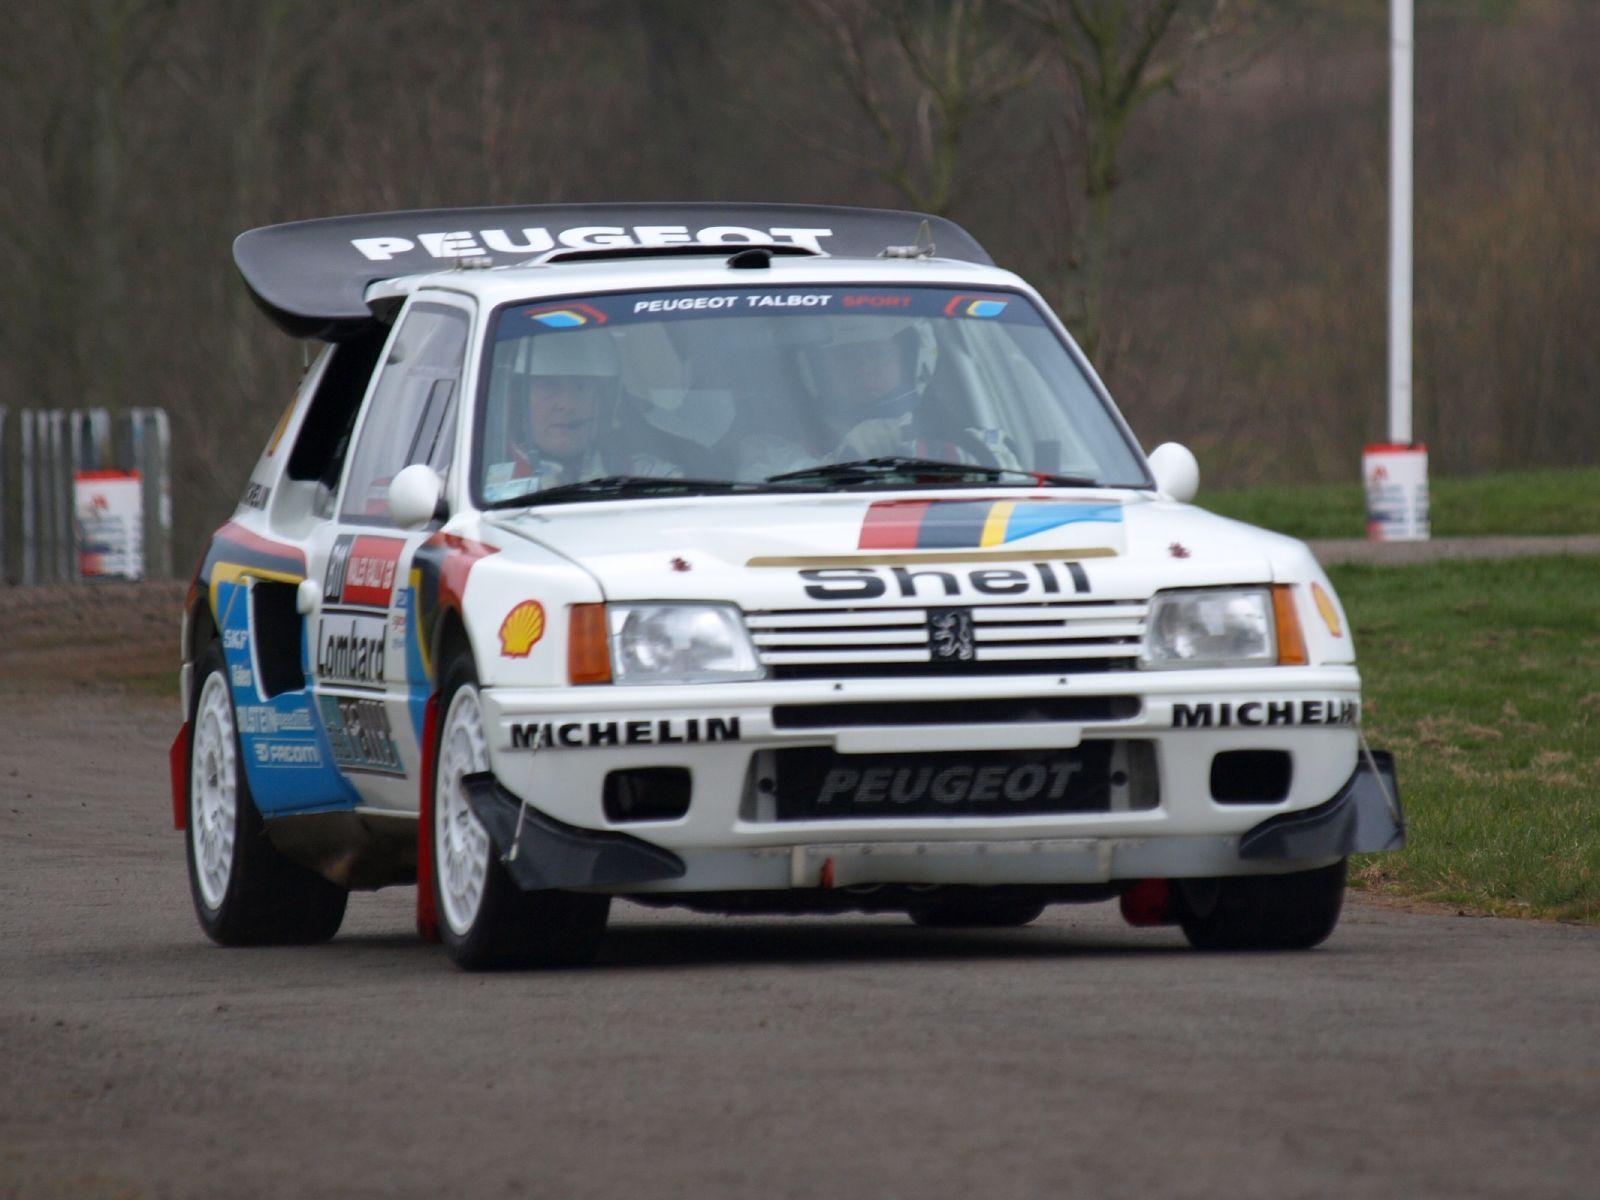 playtoy peugeot 205 gti 1.9 race car. spec: lad motorsport head